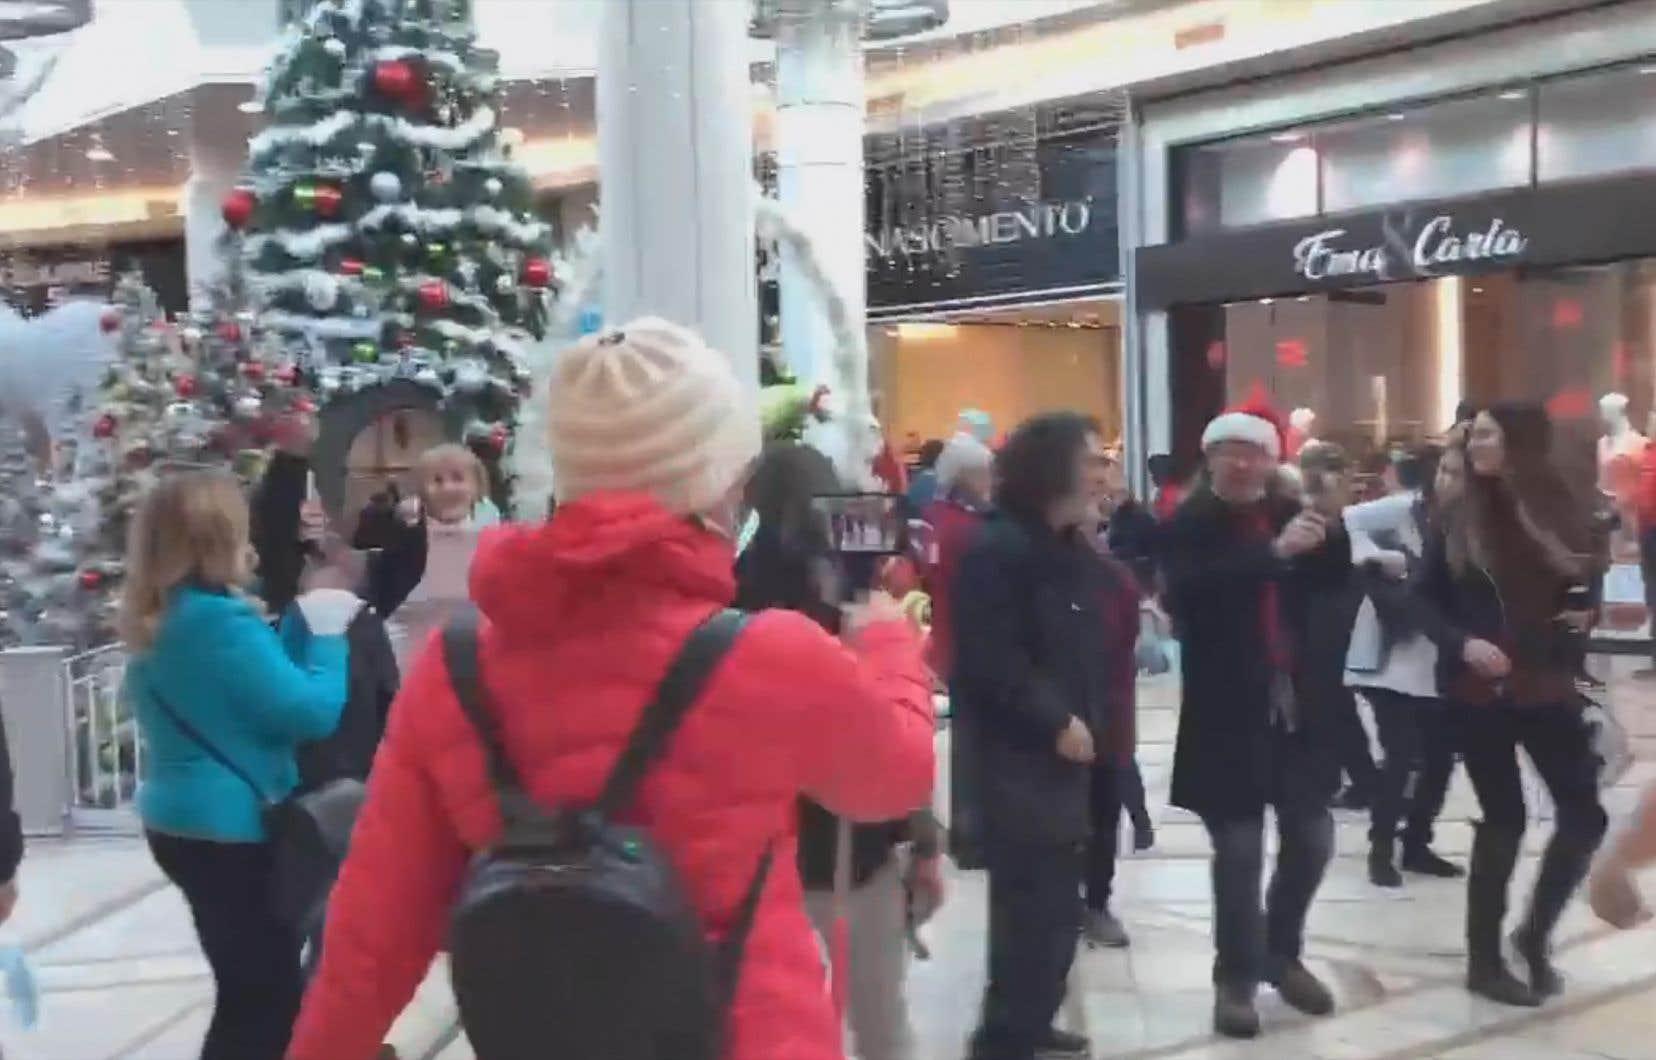 L'événement, dont les images ont largement circulé sur les réseaux sociaux, a réuni une trentaine de personnes aux alentours de 15h samedi.